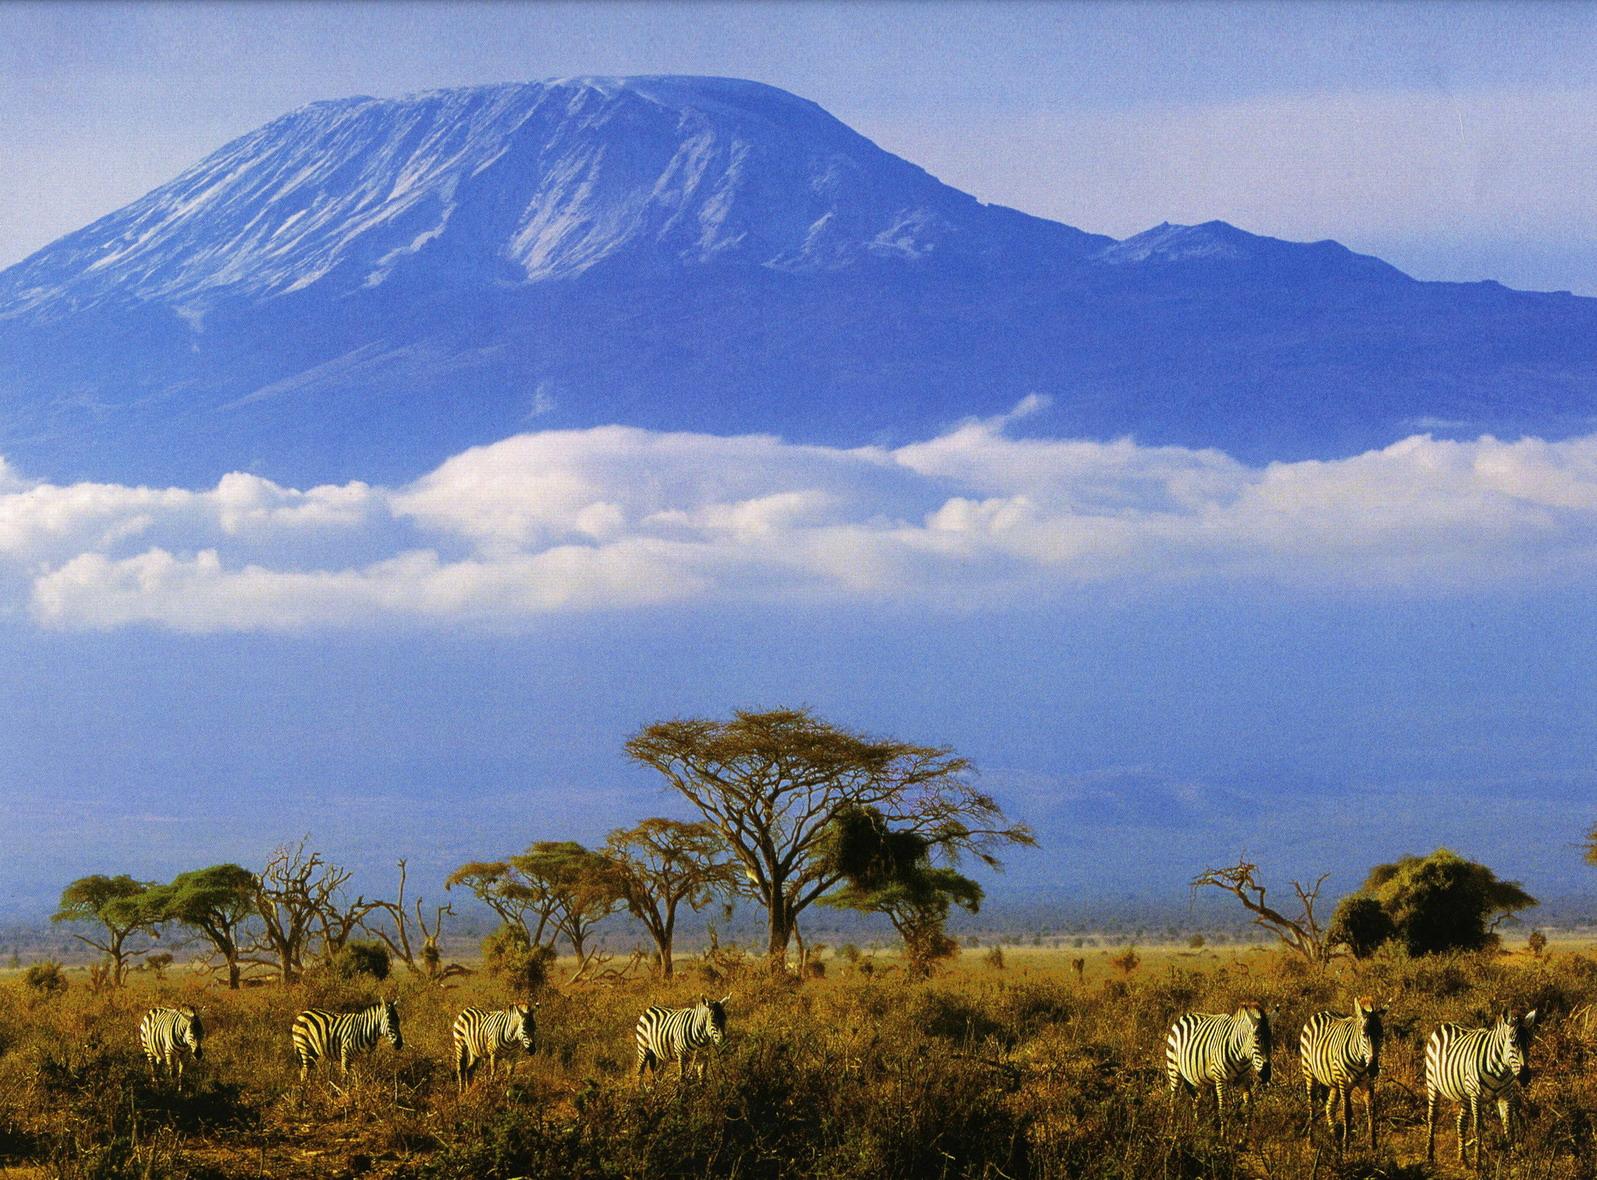 Африка, Килиманджаро, Танзания